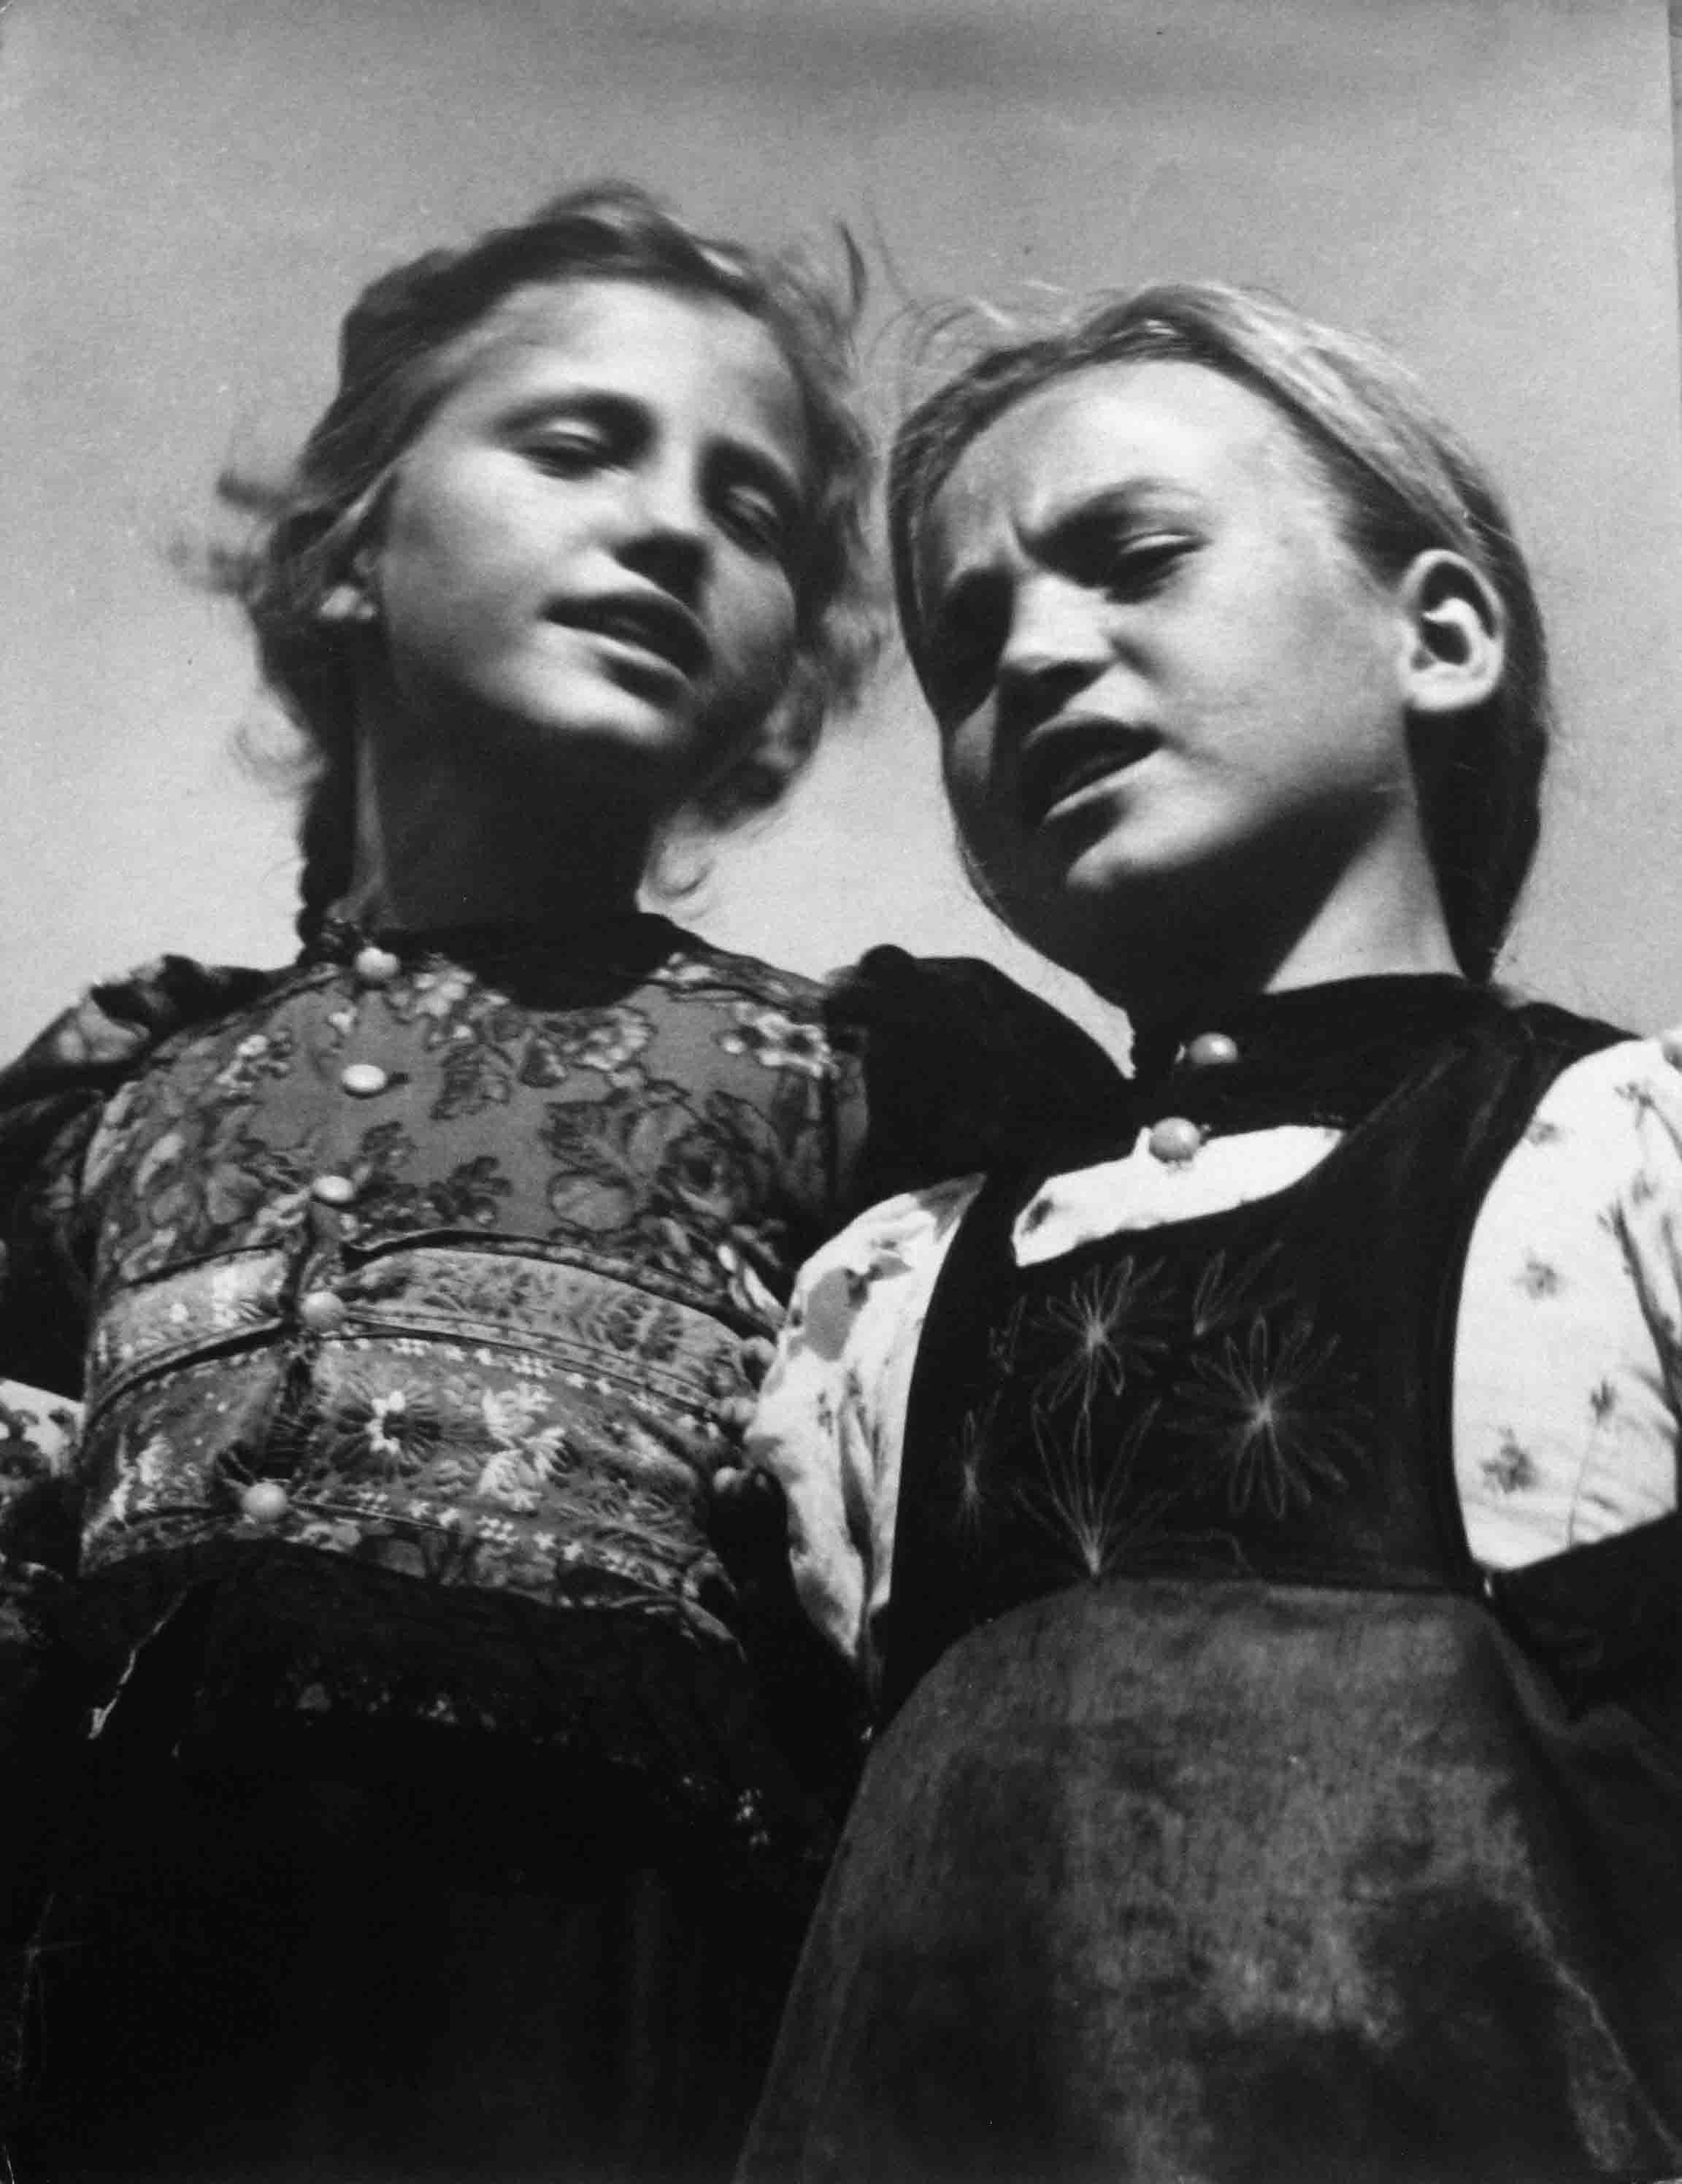 Nicolás Muller. Dos niñas cantando. Hungría, 1938<br/>Gelatina de plata